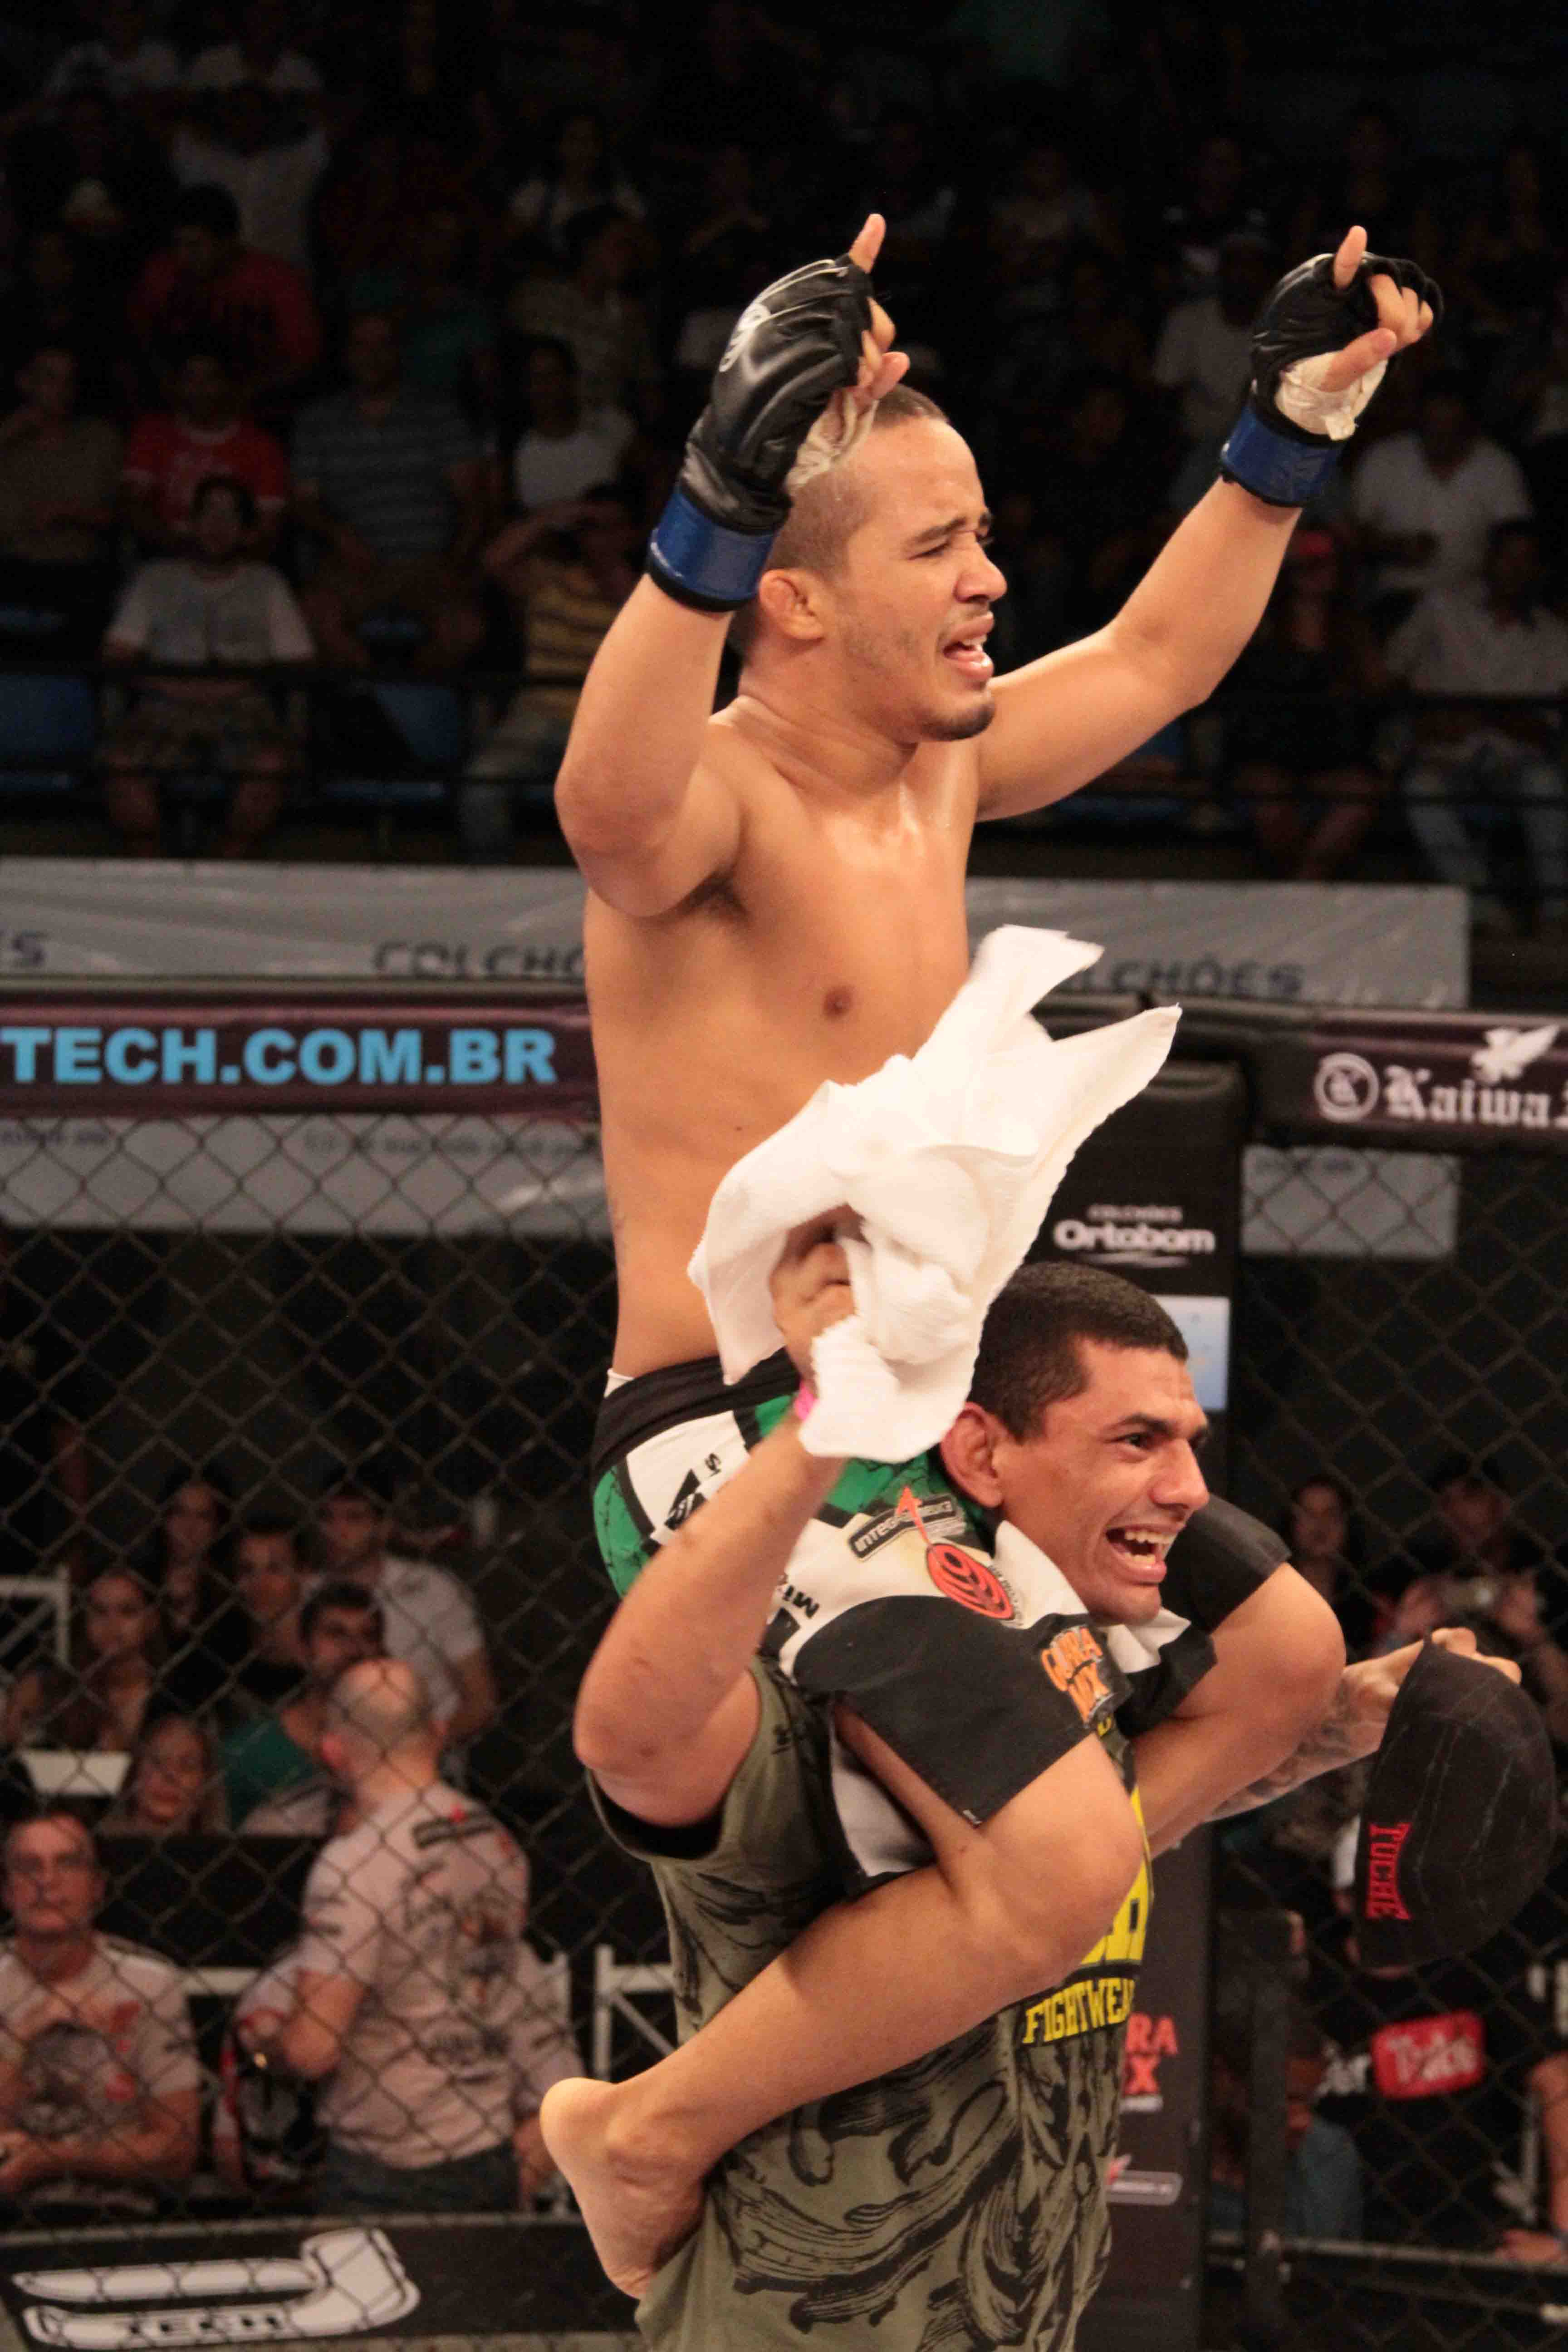 Júnior Boya comemora no Jungle Fight 55. Foto: Divulgação / Fernando Azevedo